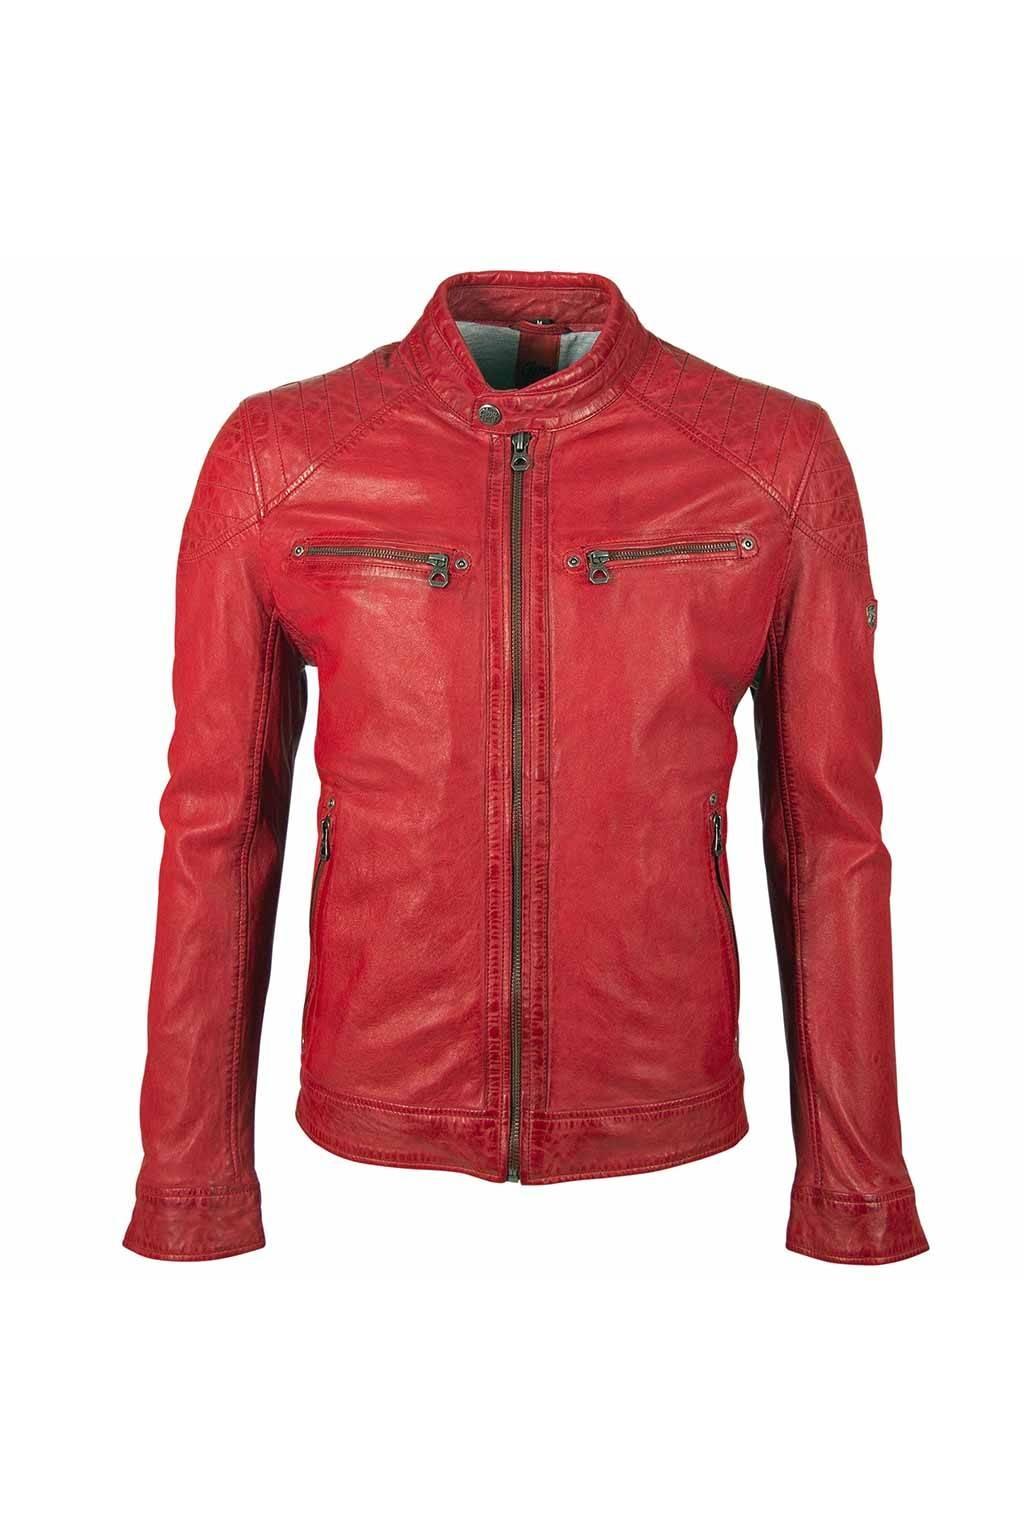 Gipsy boy Gorey Red Lagav jacket